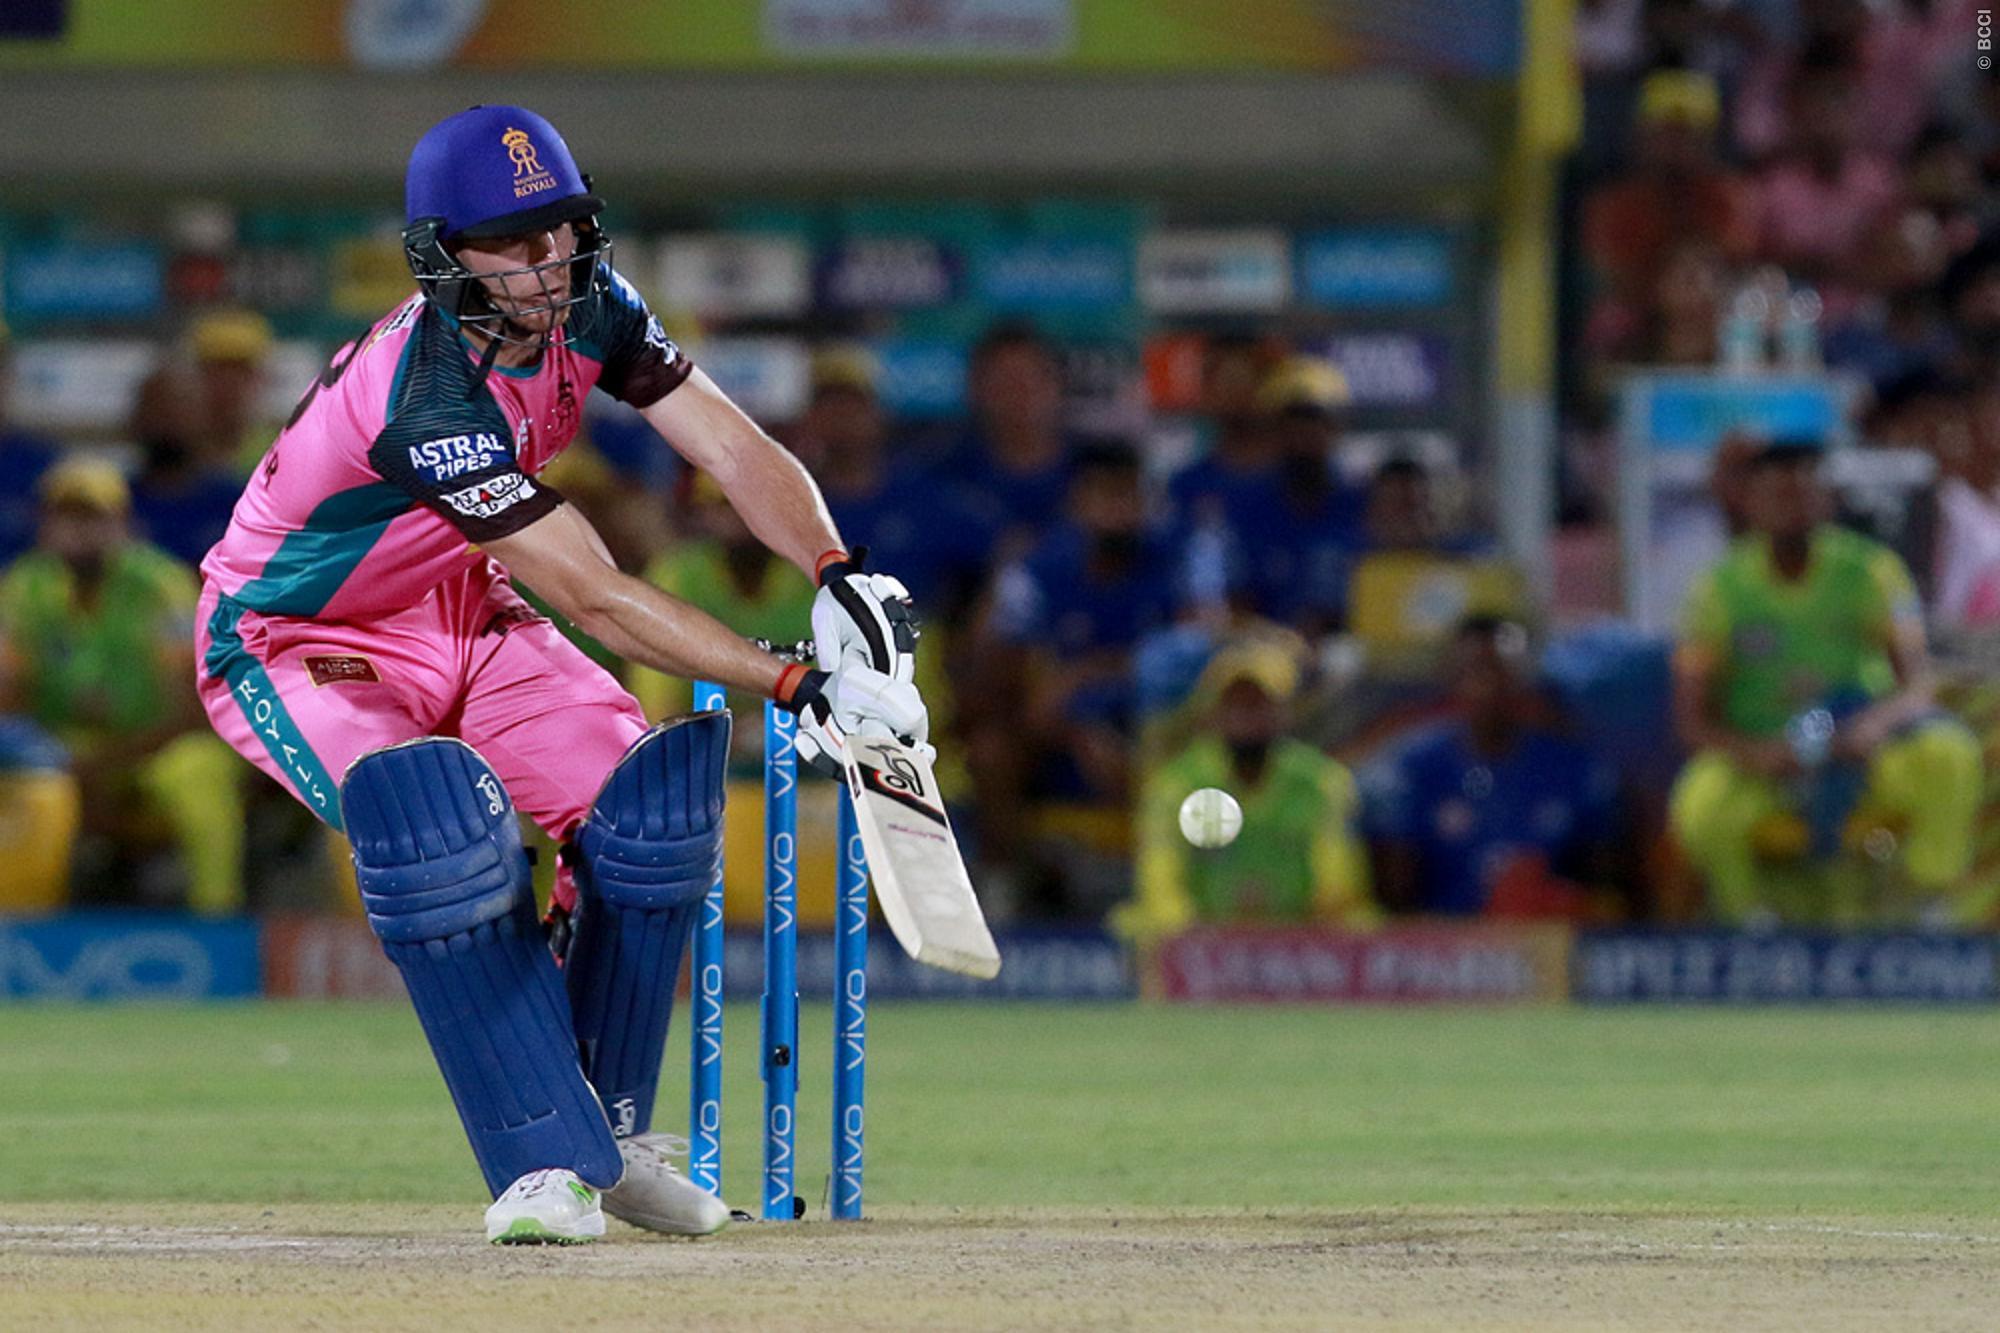 IPL 2018: चेन्नई के खराब गेंदबाजी के अलावा इन 5 कारणों से धोनी को करना पड़ा हार का सामना 6